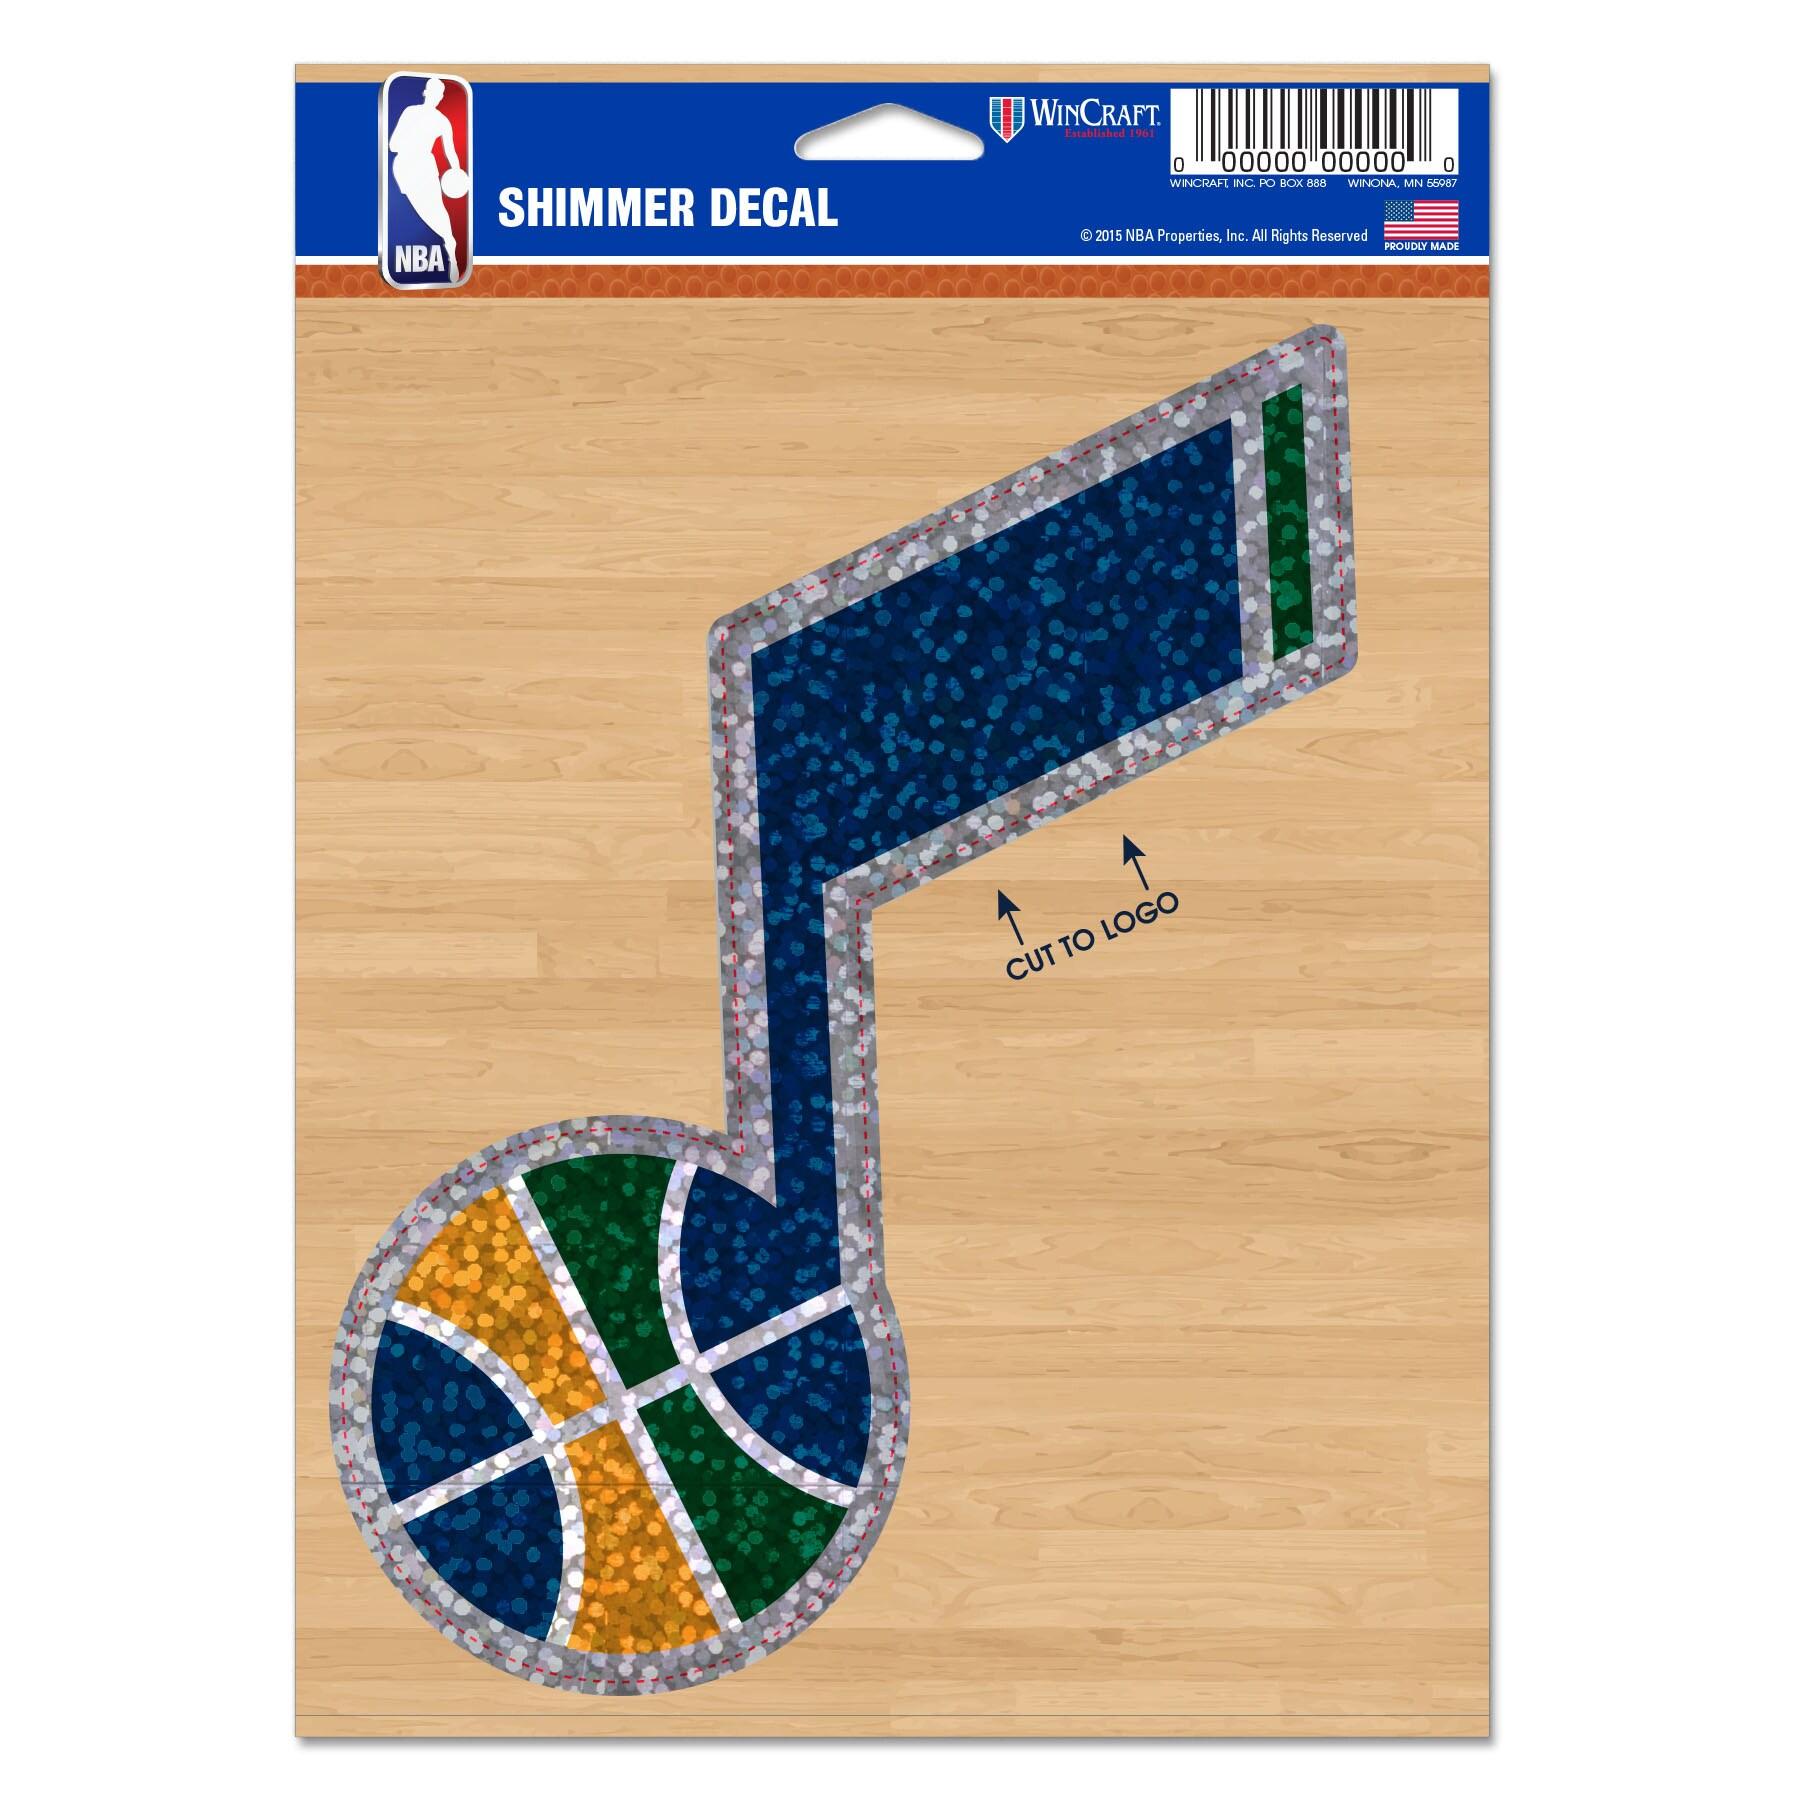 """Utah Jazz WinCraft 5"""" x 7"""" Shimmer Decal"""